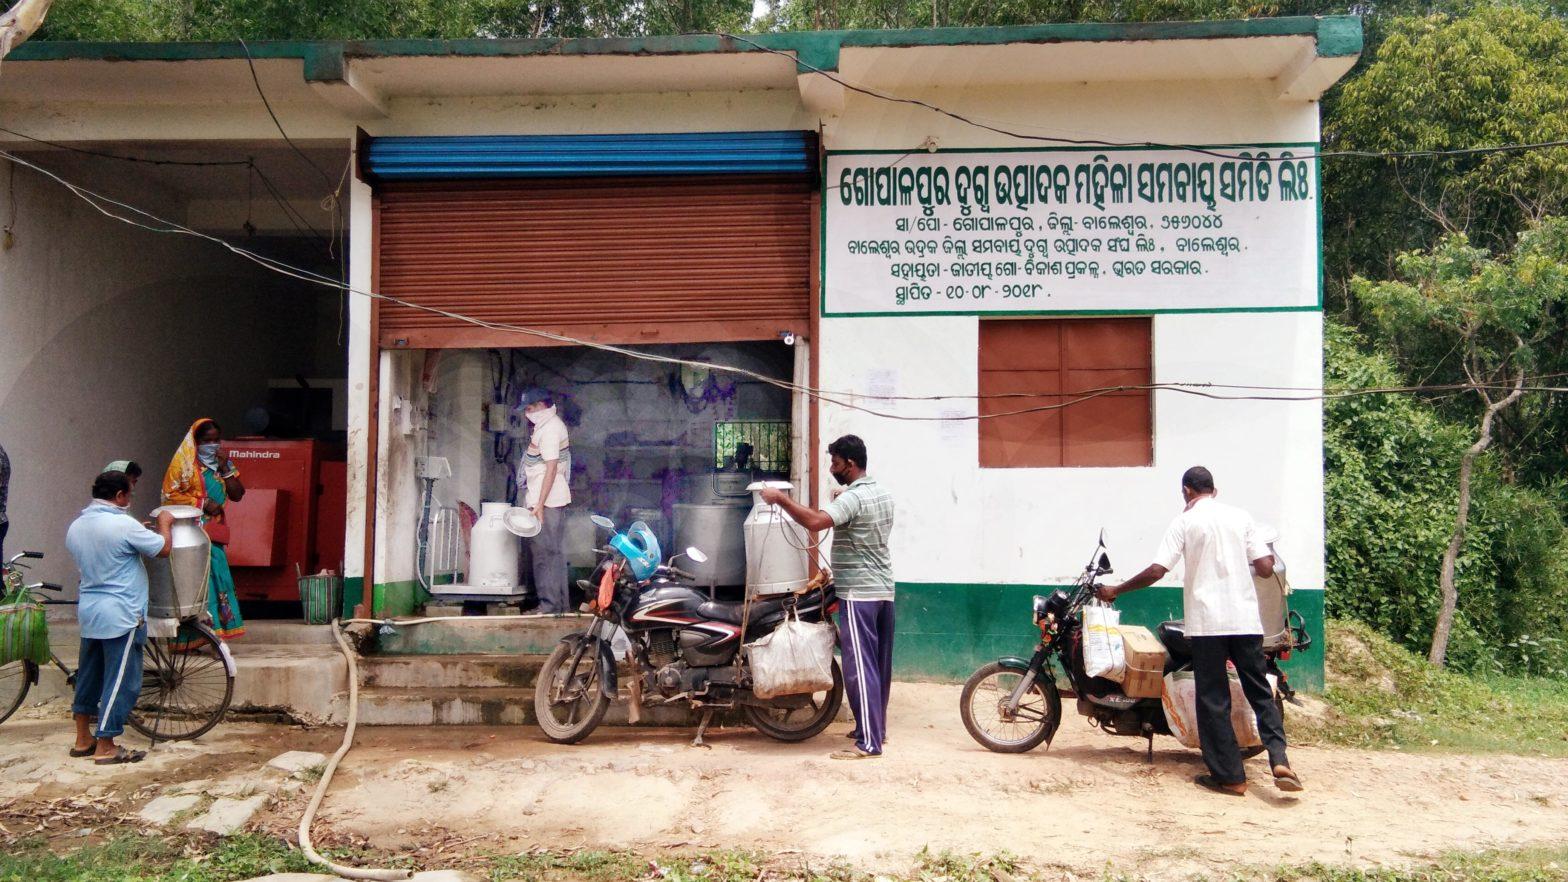 bahanaga- gopalpur milk samabaya samiti photo-2